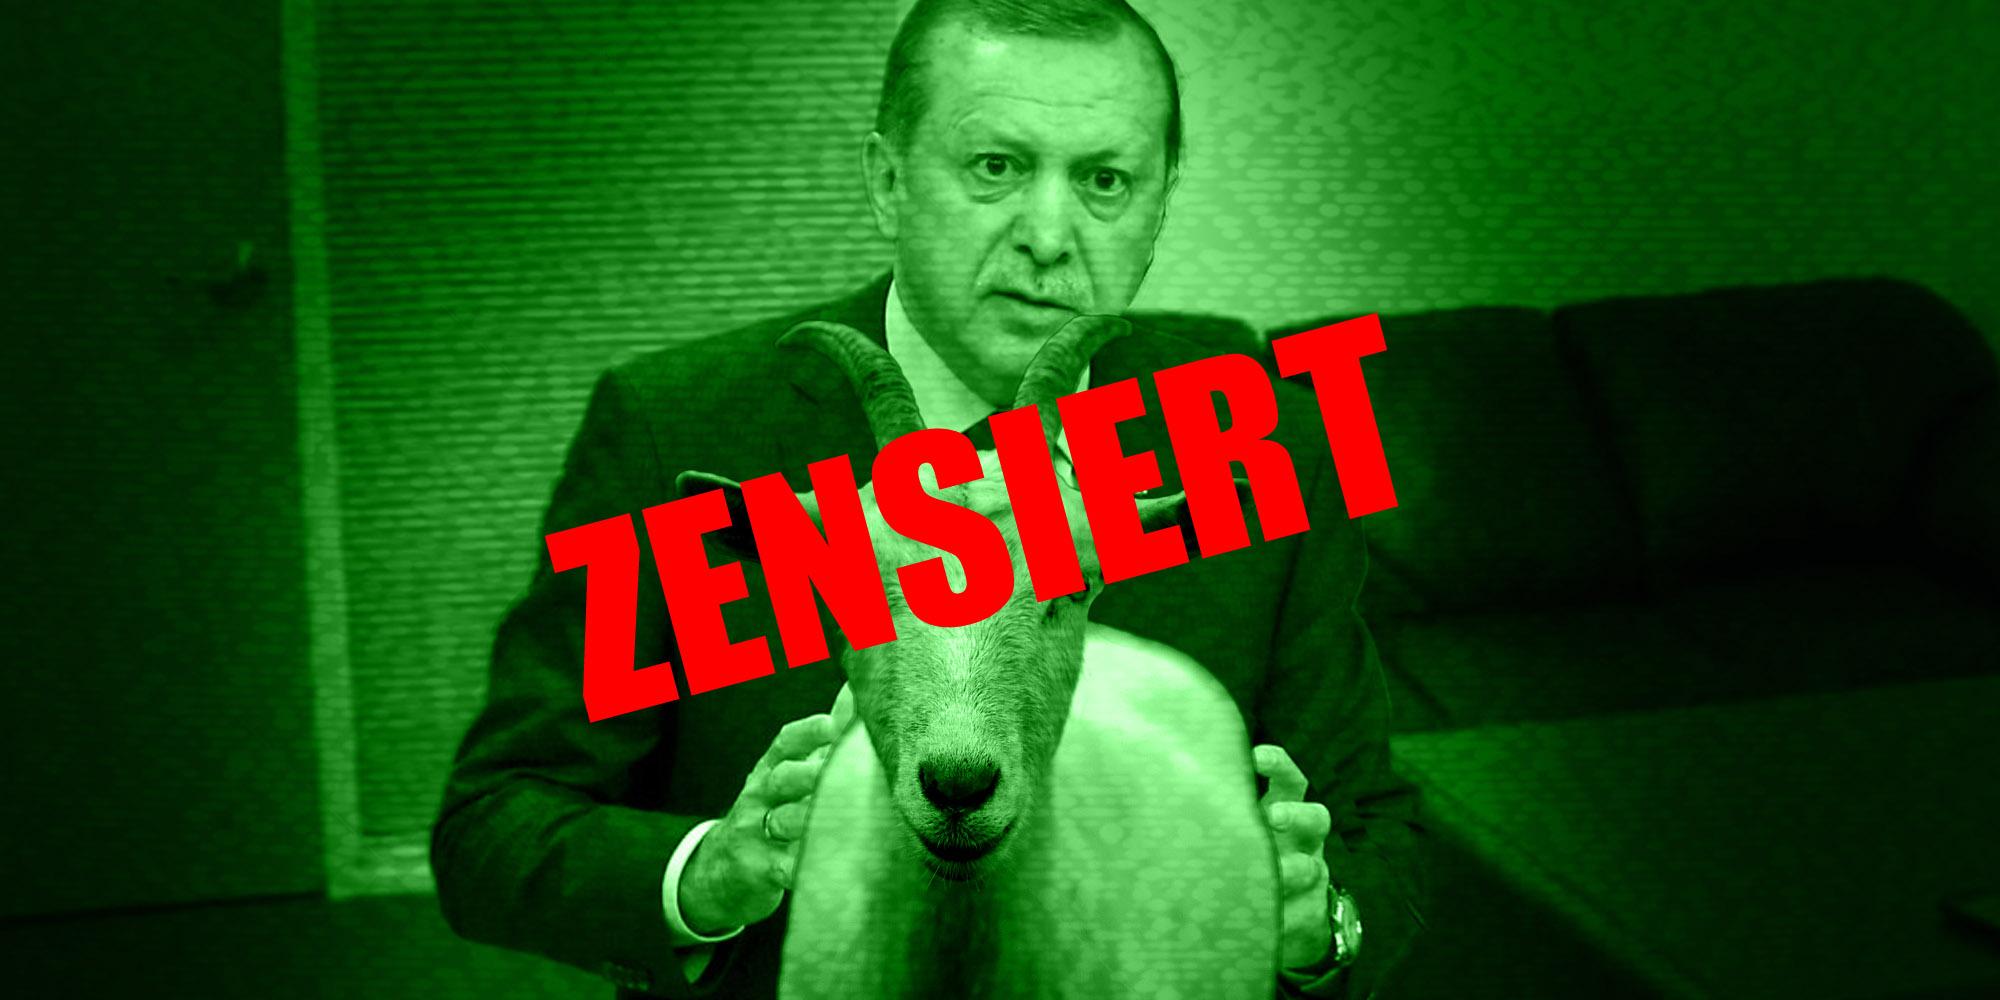 Erdogan mit Ziege